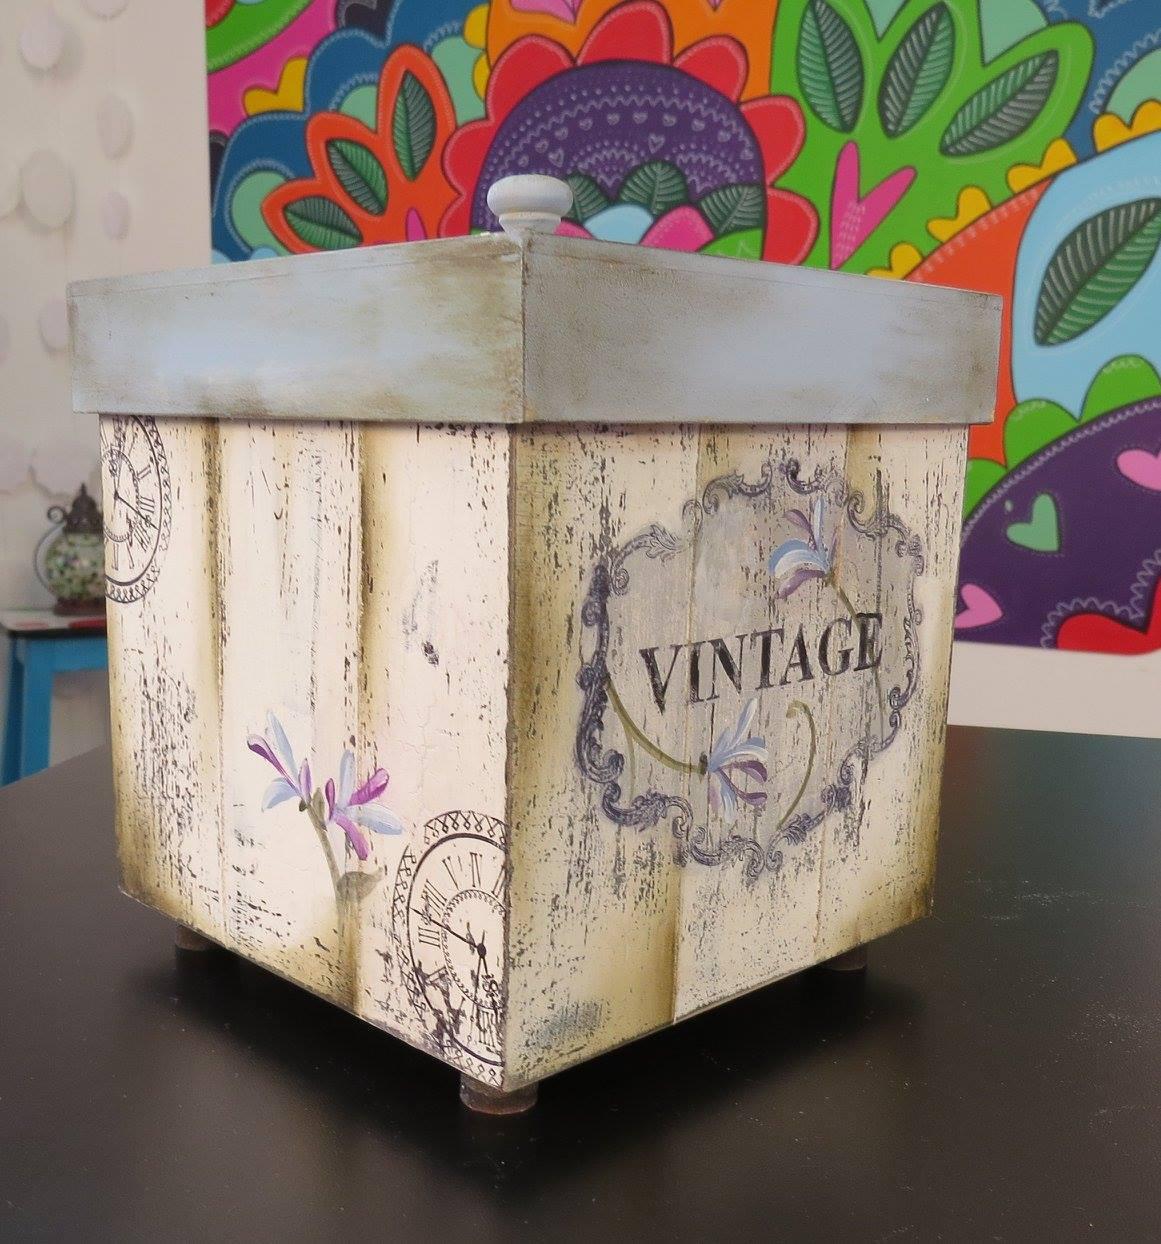 Como decorar cajas de madera estilo vintage transportes de paneles de madera - Cajas de madera para decorar ...